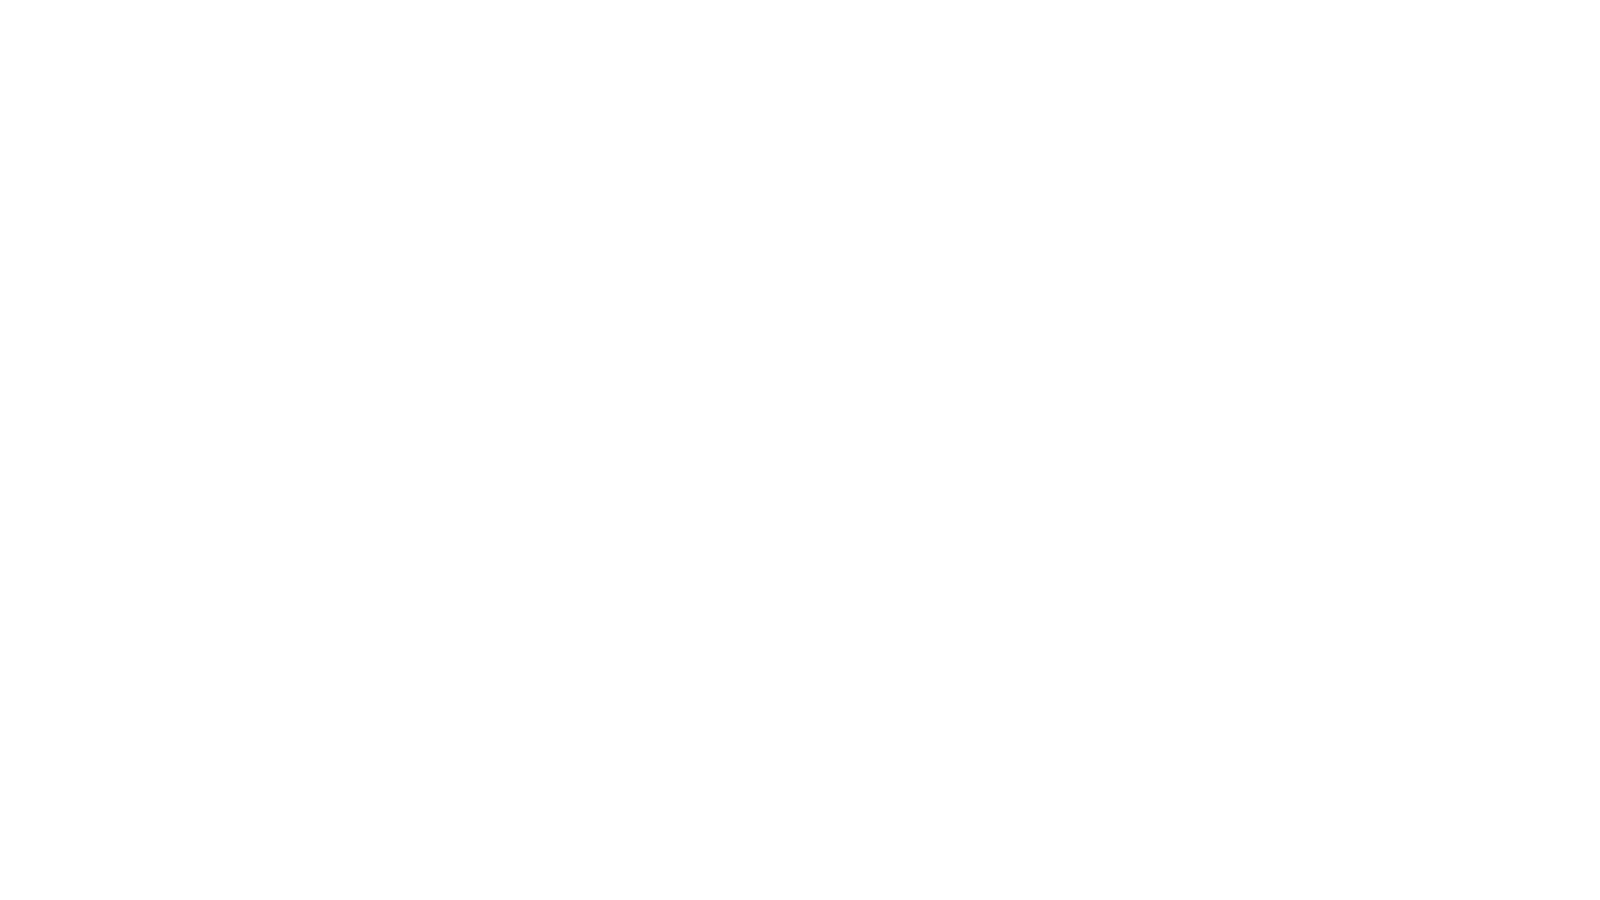 Da wir euch in diesem Jahr kein Live-Programm zu Ostern liefern können, haben wir uns etwas anderes überlegt. Wir haben in 9 Stationen den Leidensweg Jesu beschrieben und selbst interpretiert.  Folgt uns bei Social Media📱  Instagram: https://www.facebook.com/KolpingJugendEnnepetal Faceboook: https://www.facebook.com/KolpingJugendEnnepetal